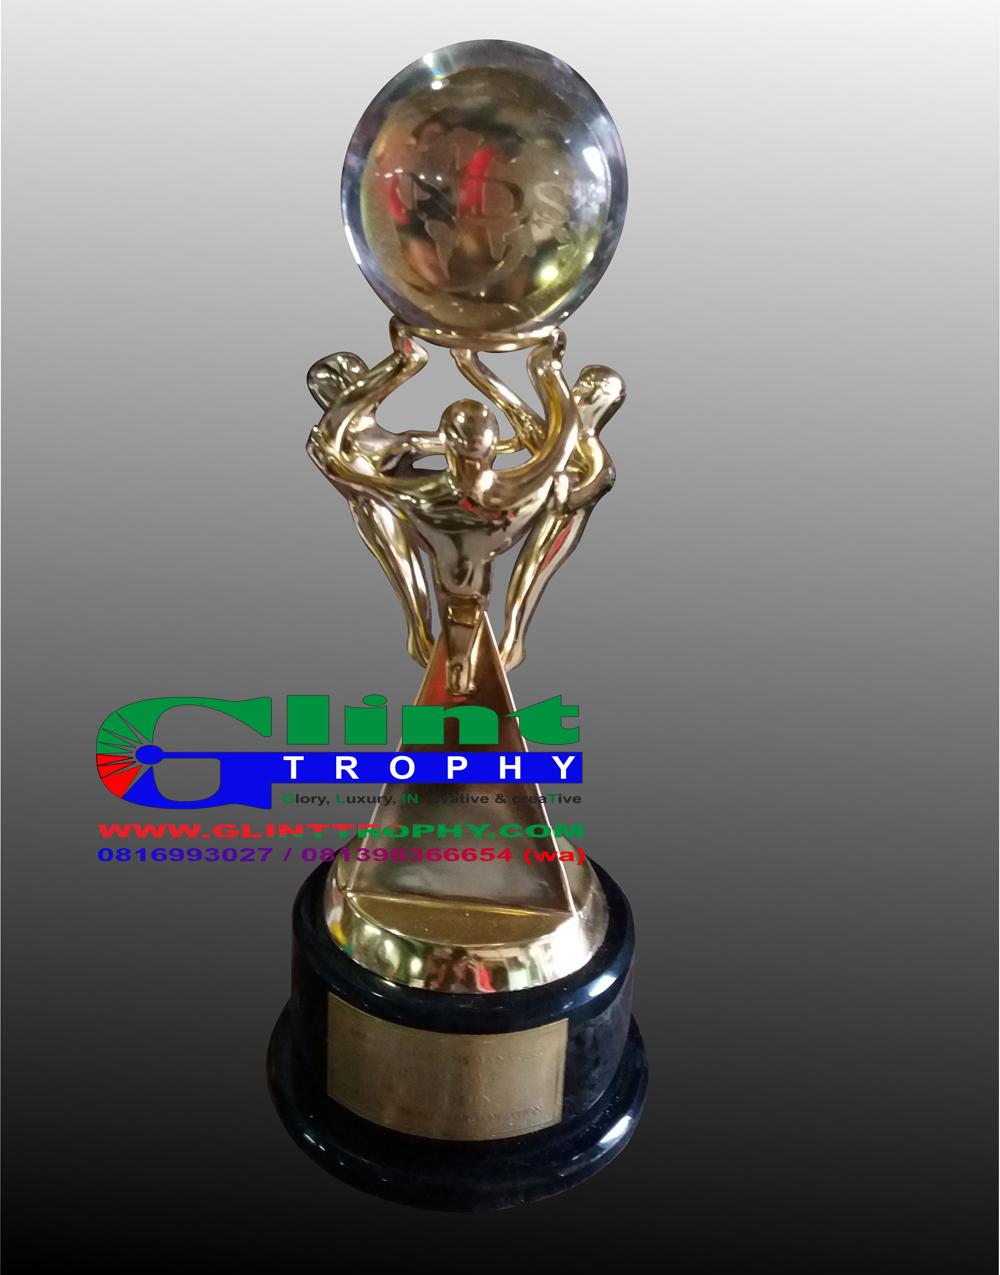 September 2017 Glint Trophy Pusat Dan Tempat Pembuatan Penjualan Plakat Fiber  Berkualitas Gliny Menerima Piala Dari Timah Resin Bisa Custom Sesuai Permintaan Diatas Biasa Digunakan Untuk Cindera Mata